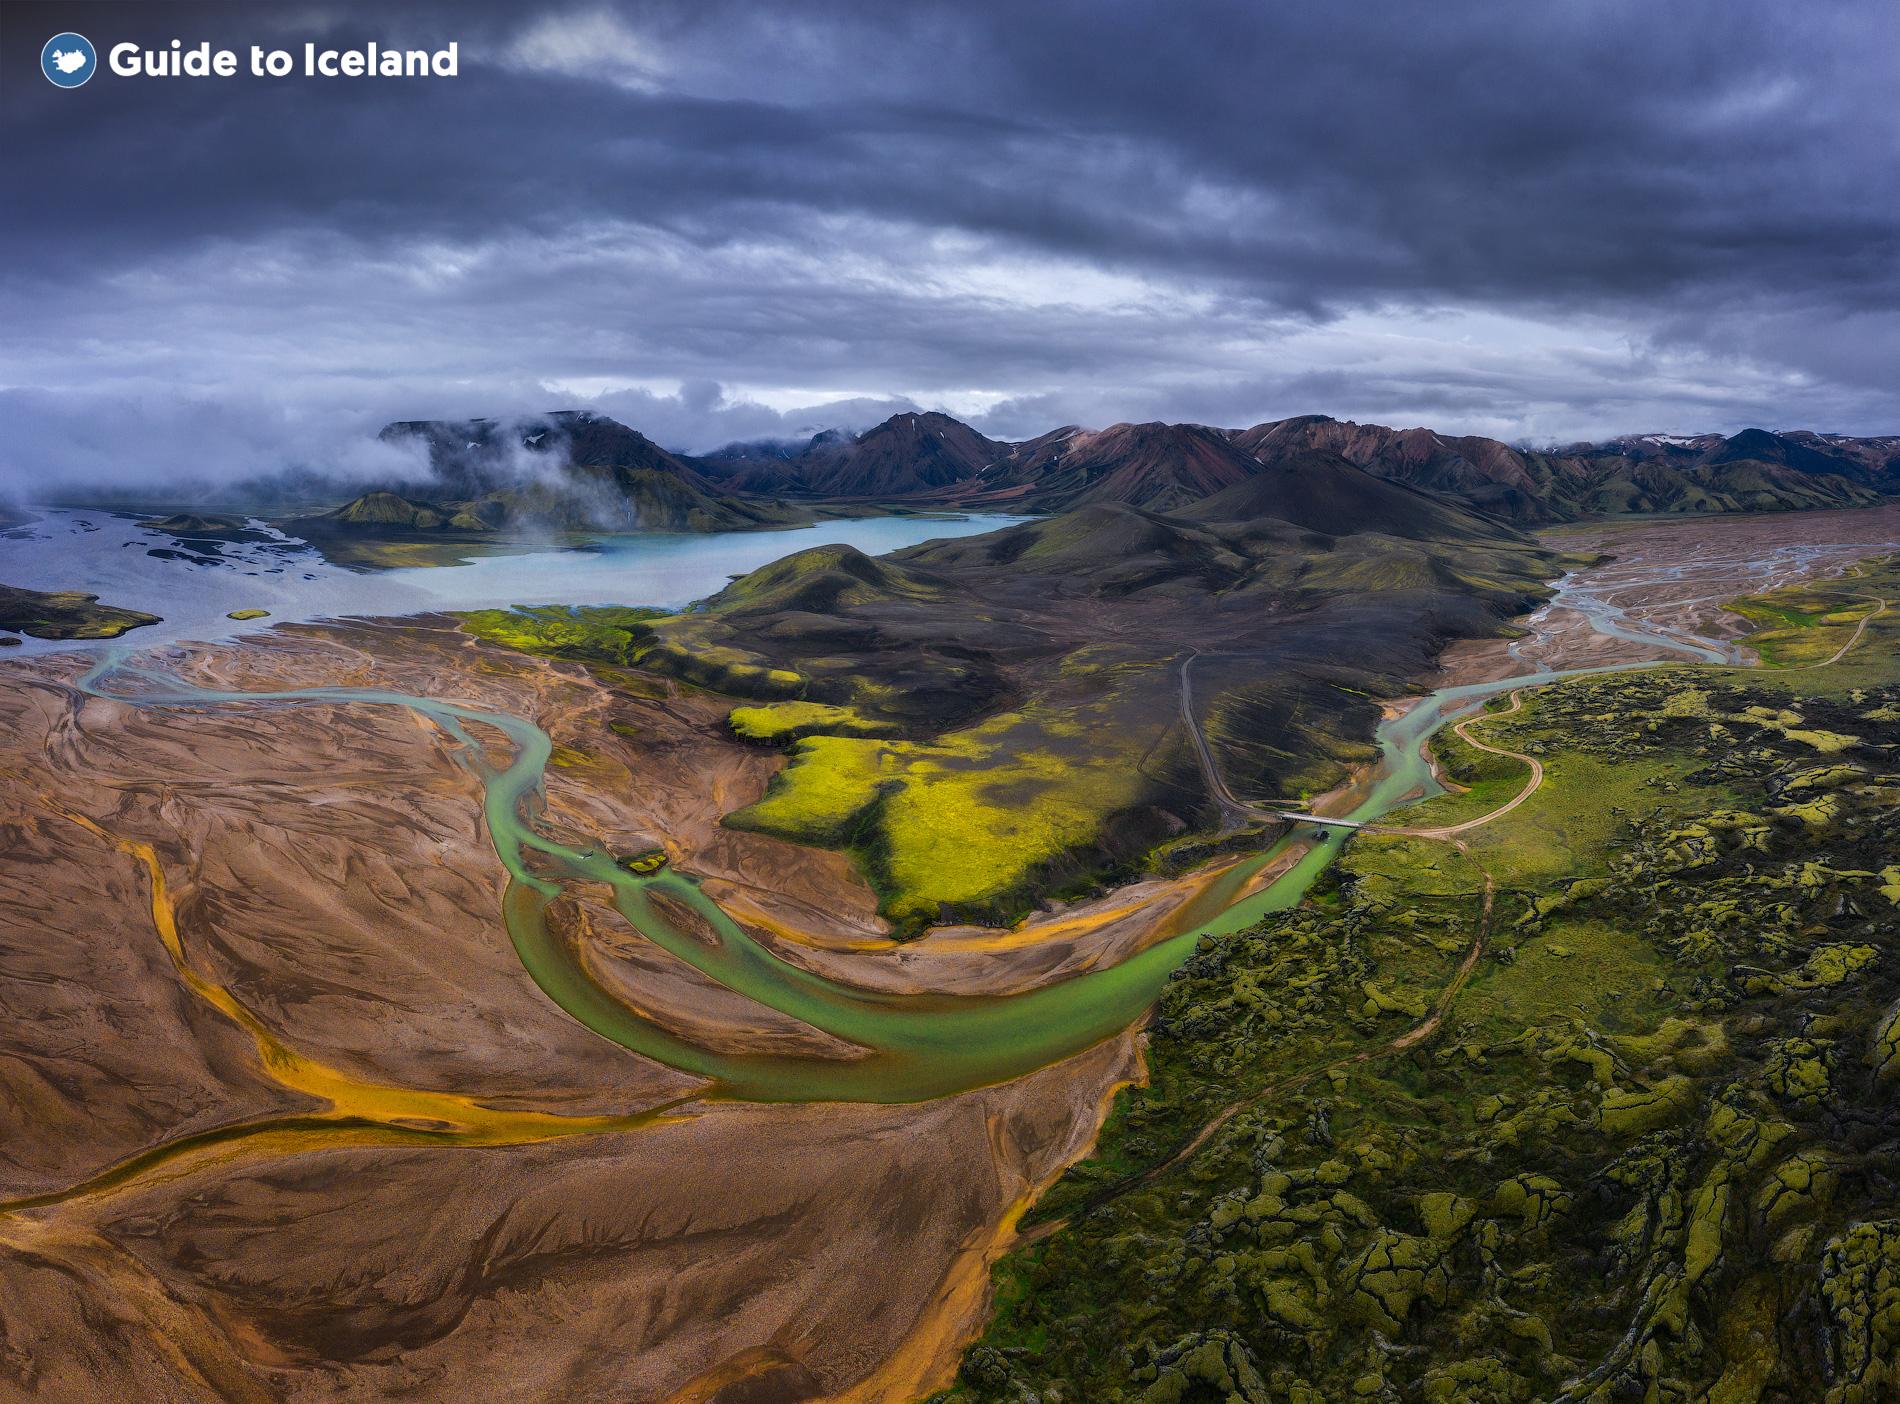 冰中央内陆高地的兰德曼纳劳卡是举世闻名的徒步胜地